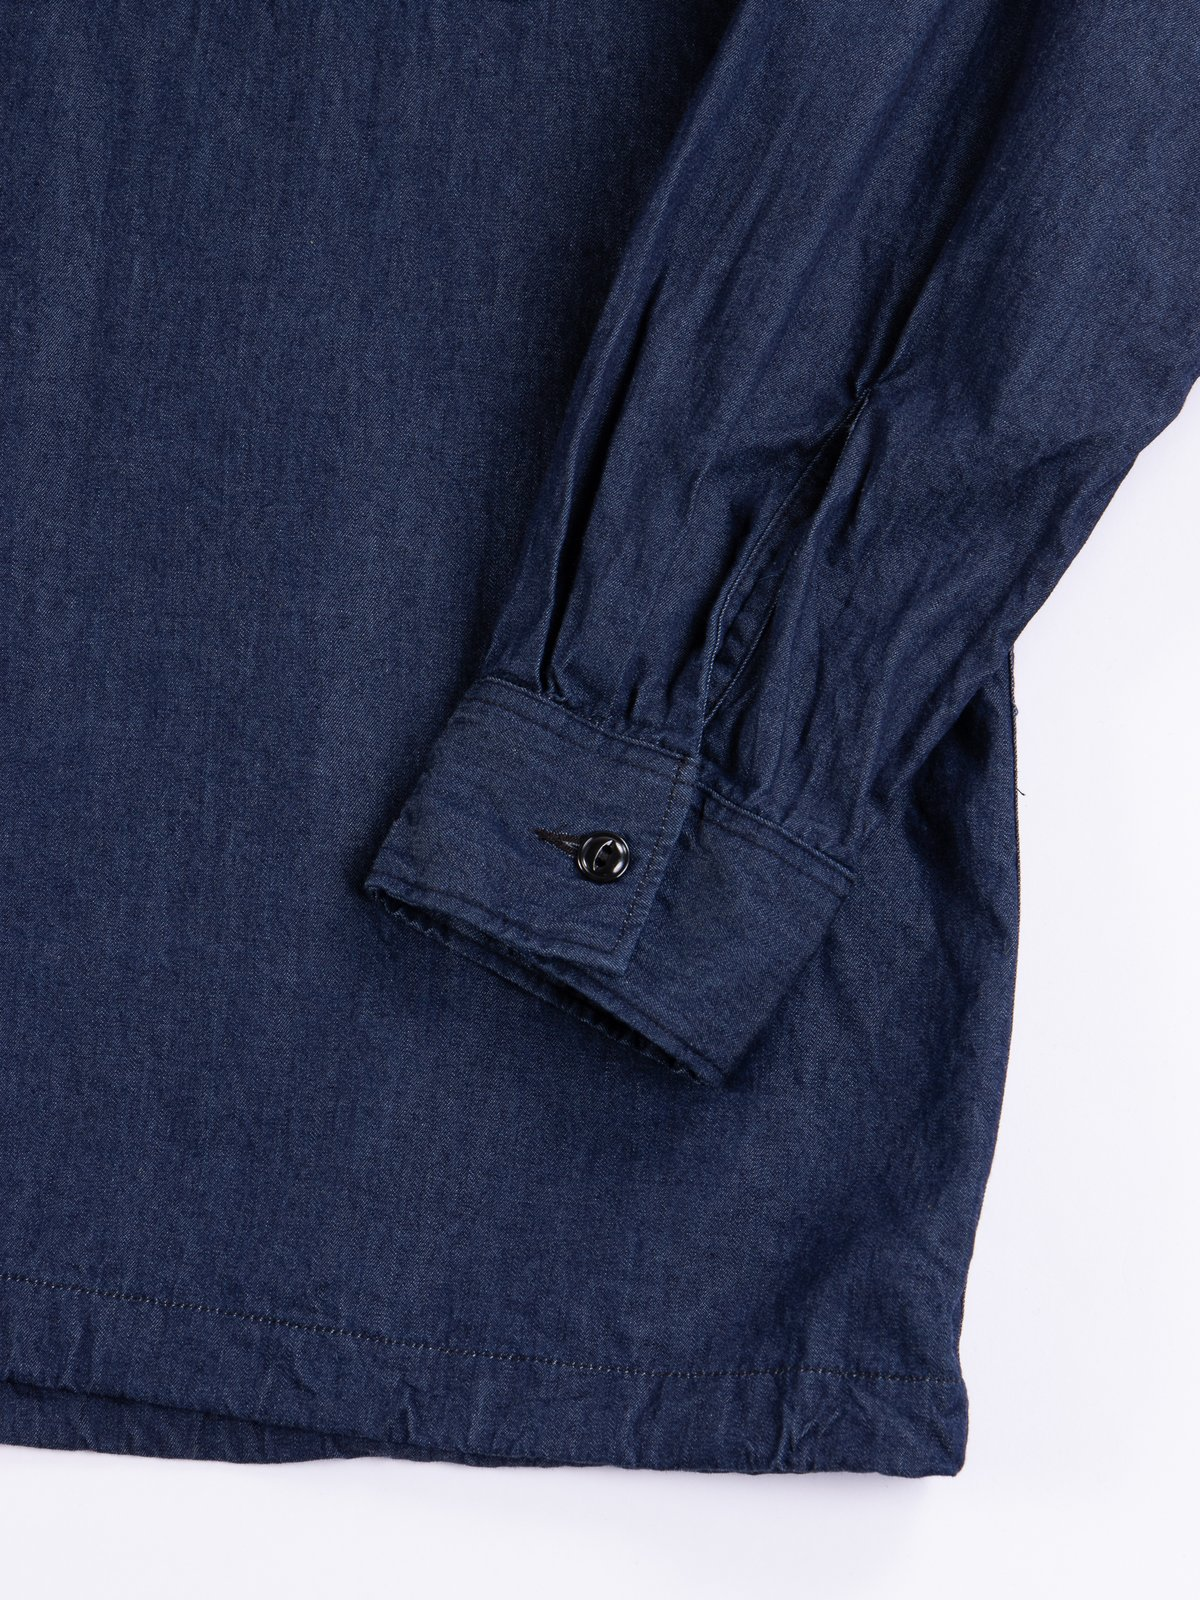 Indigo 4.5oz Denim Cagoule Shirt - Image 5